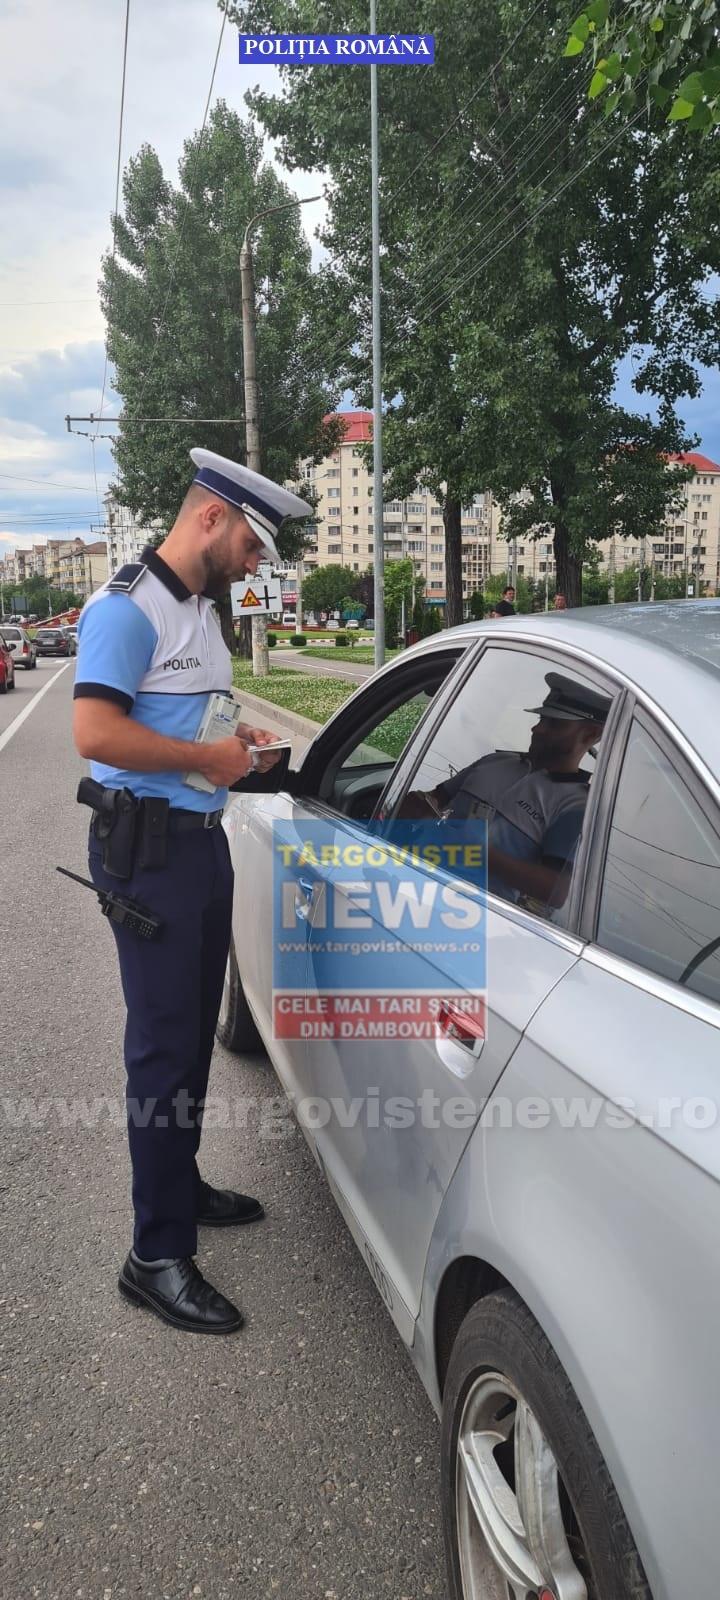 Zeci de şoferi s-au ales fără permis după ce au fost prinşi beţi sau drogaţi la volan